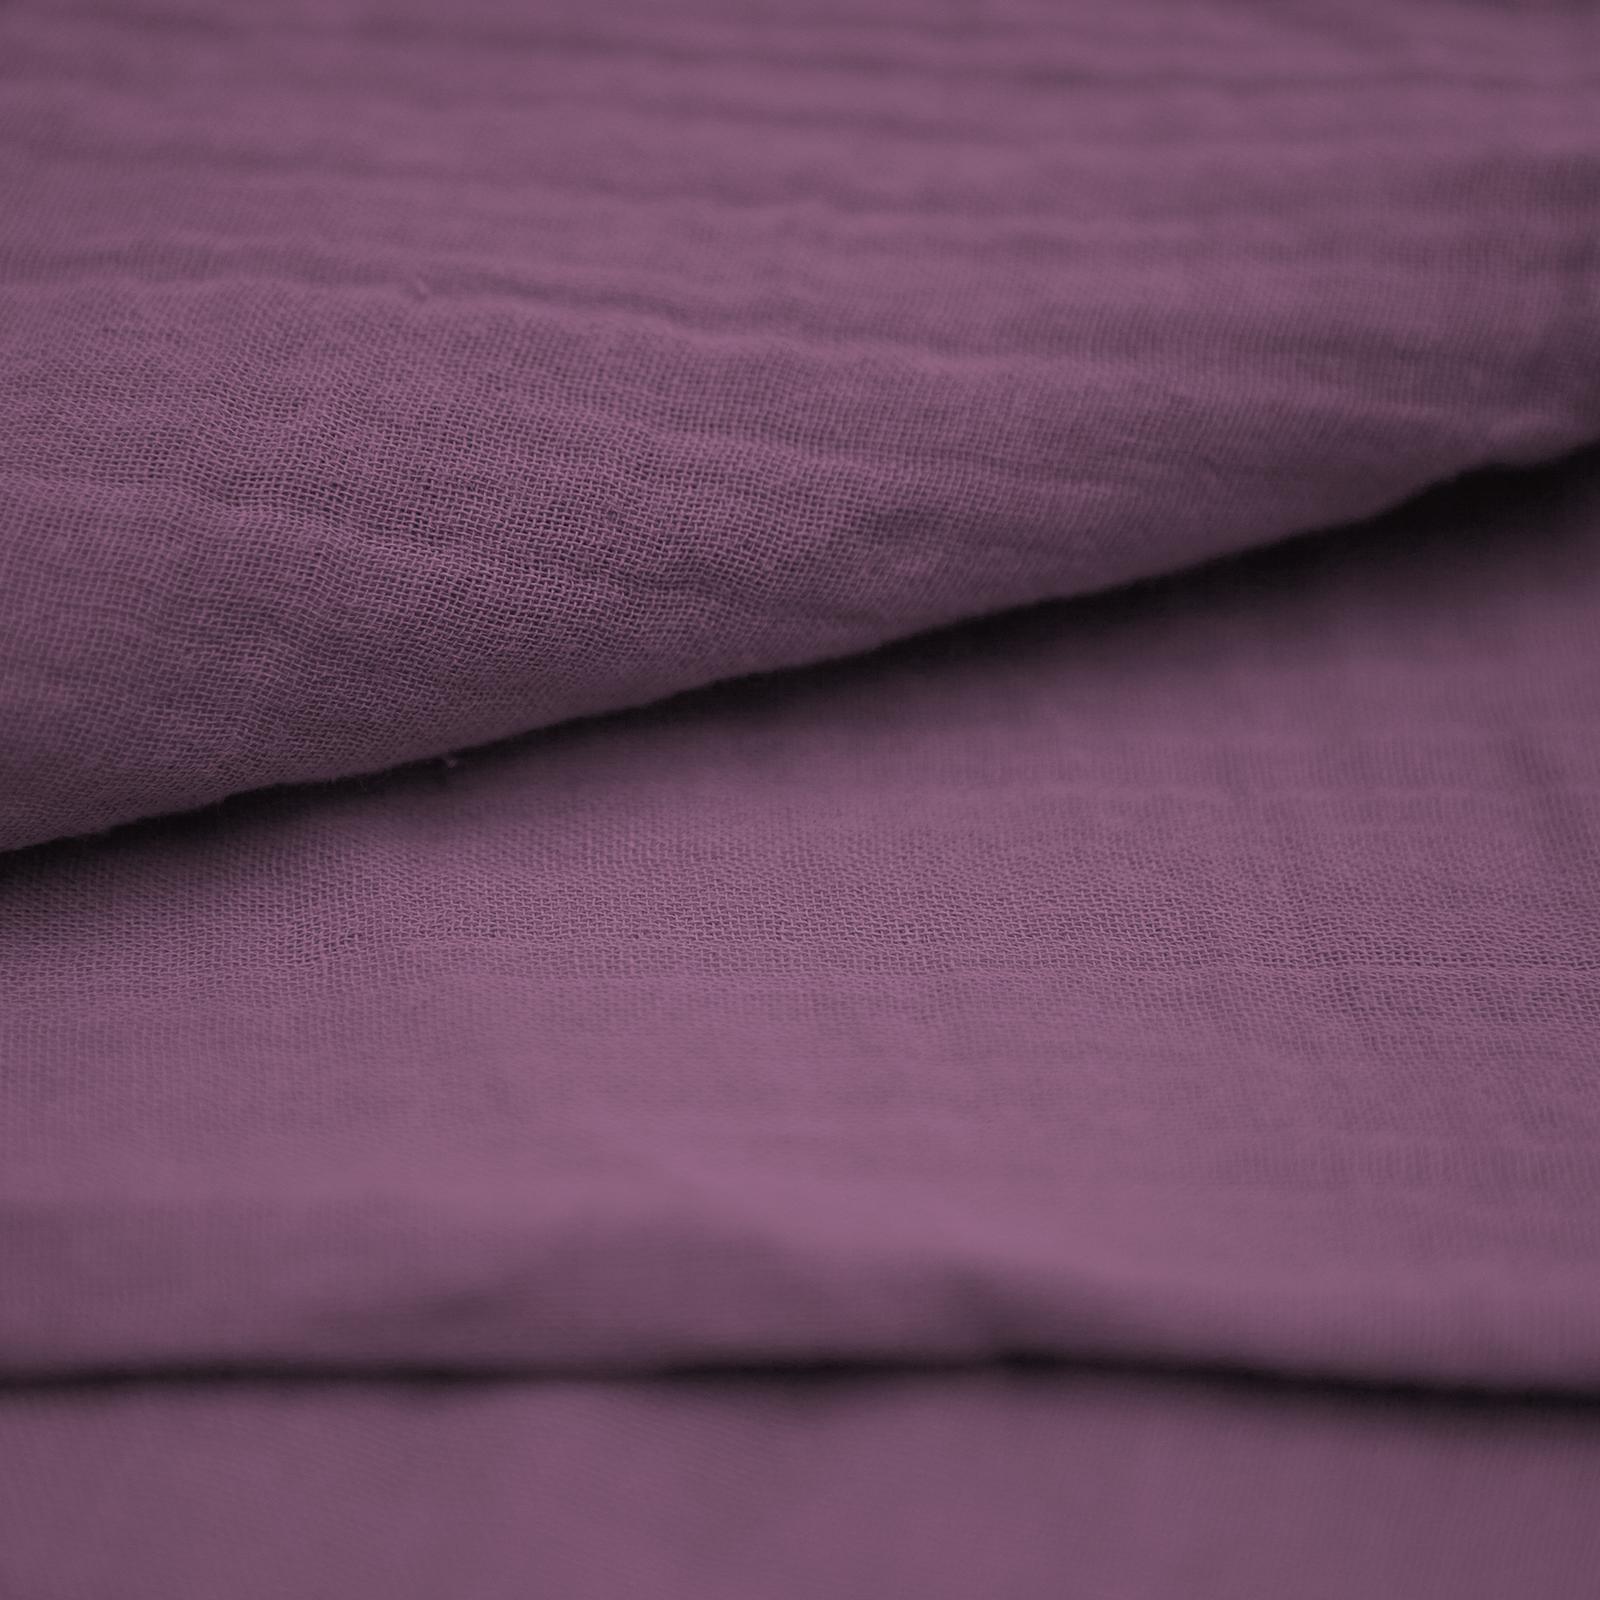 Bio Doppel- Mull / Musselin lila purple passion